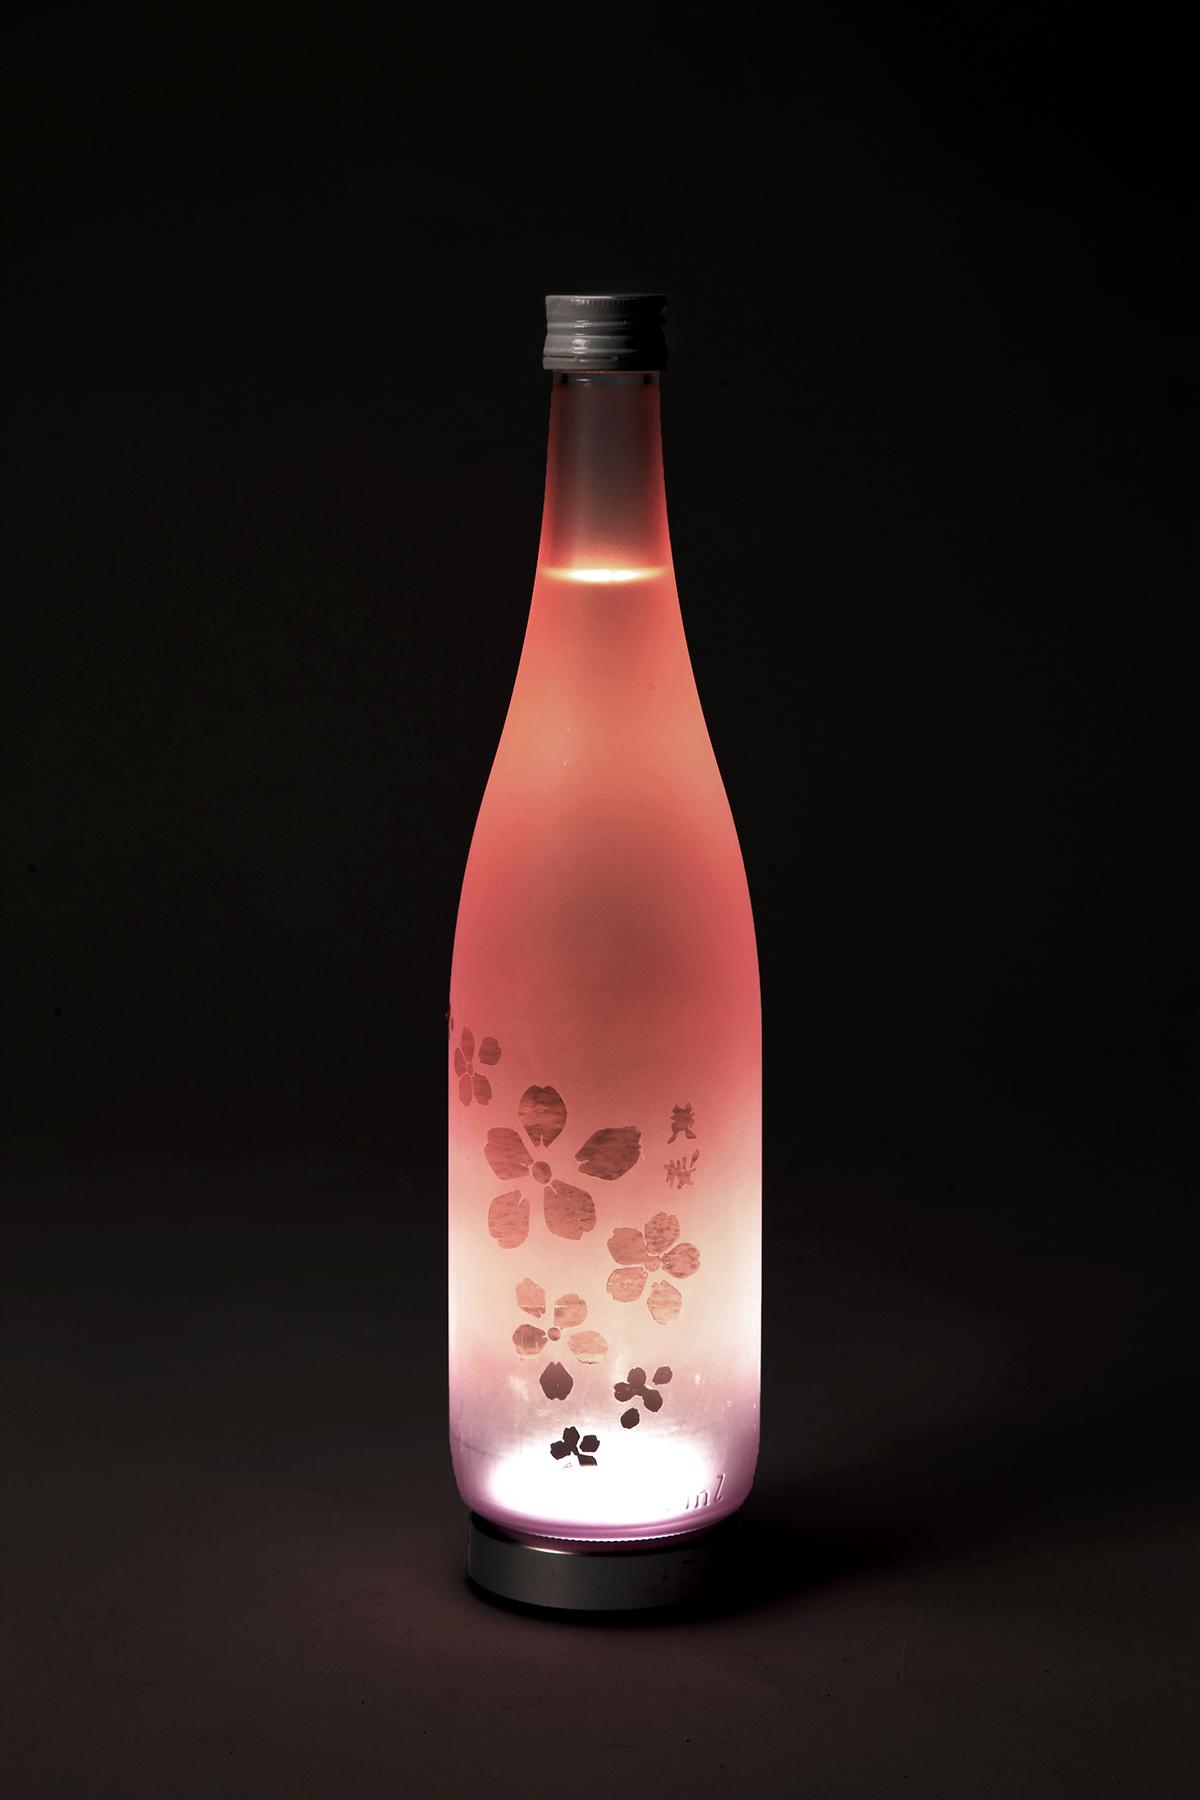 Sake packagingdesign bottle junmaiginjo wine design pinkbottle pink frosted frostedbottle